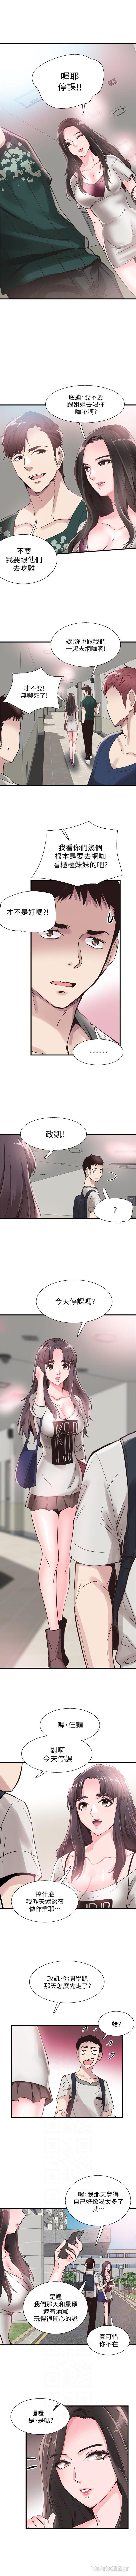 (週7)校園live秀 1-50 中文翻譯(更新中) 178